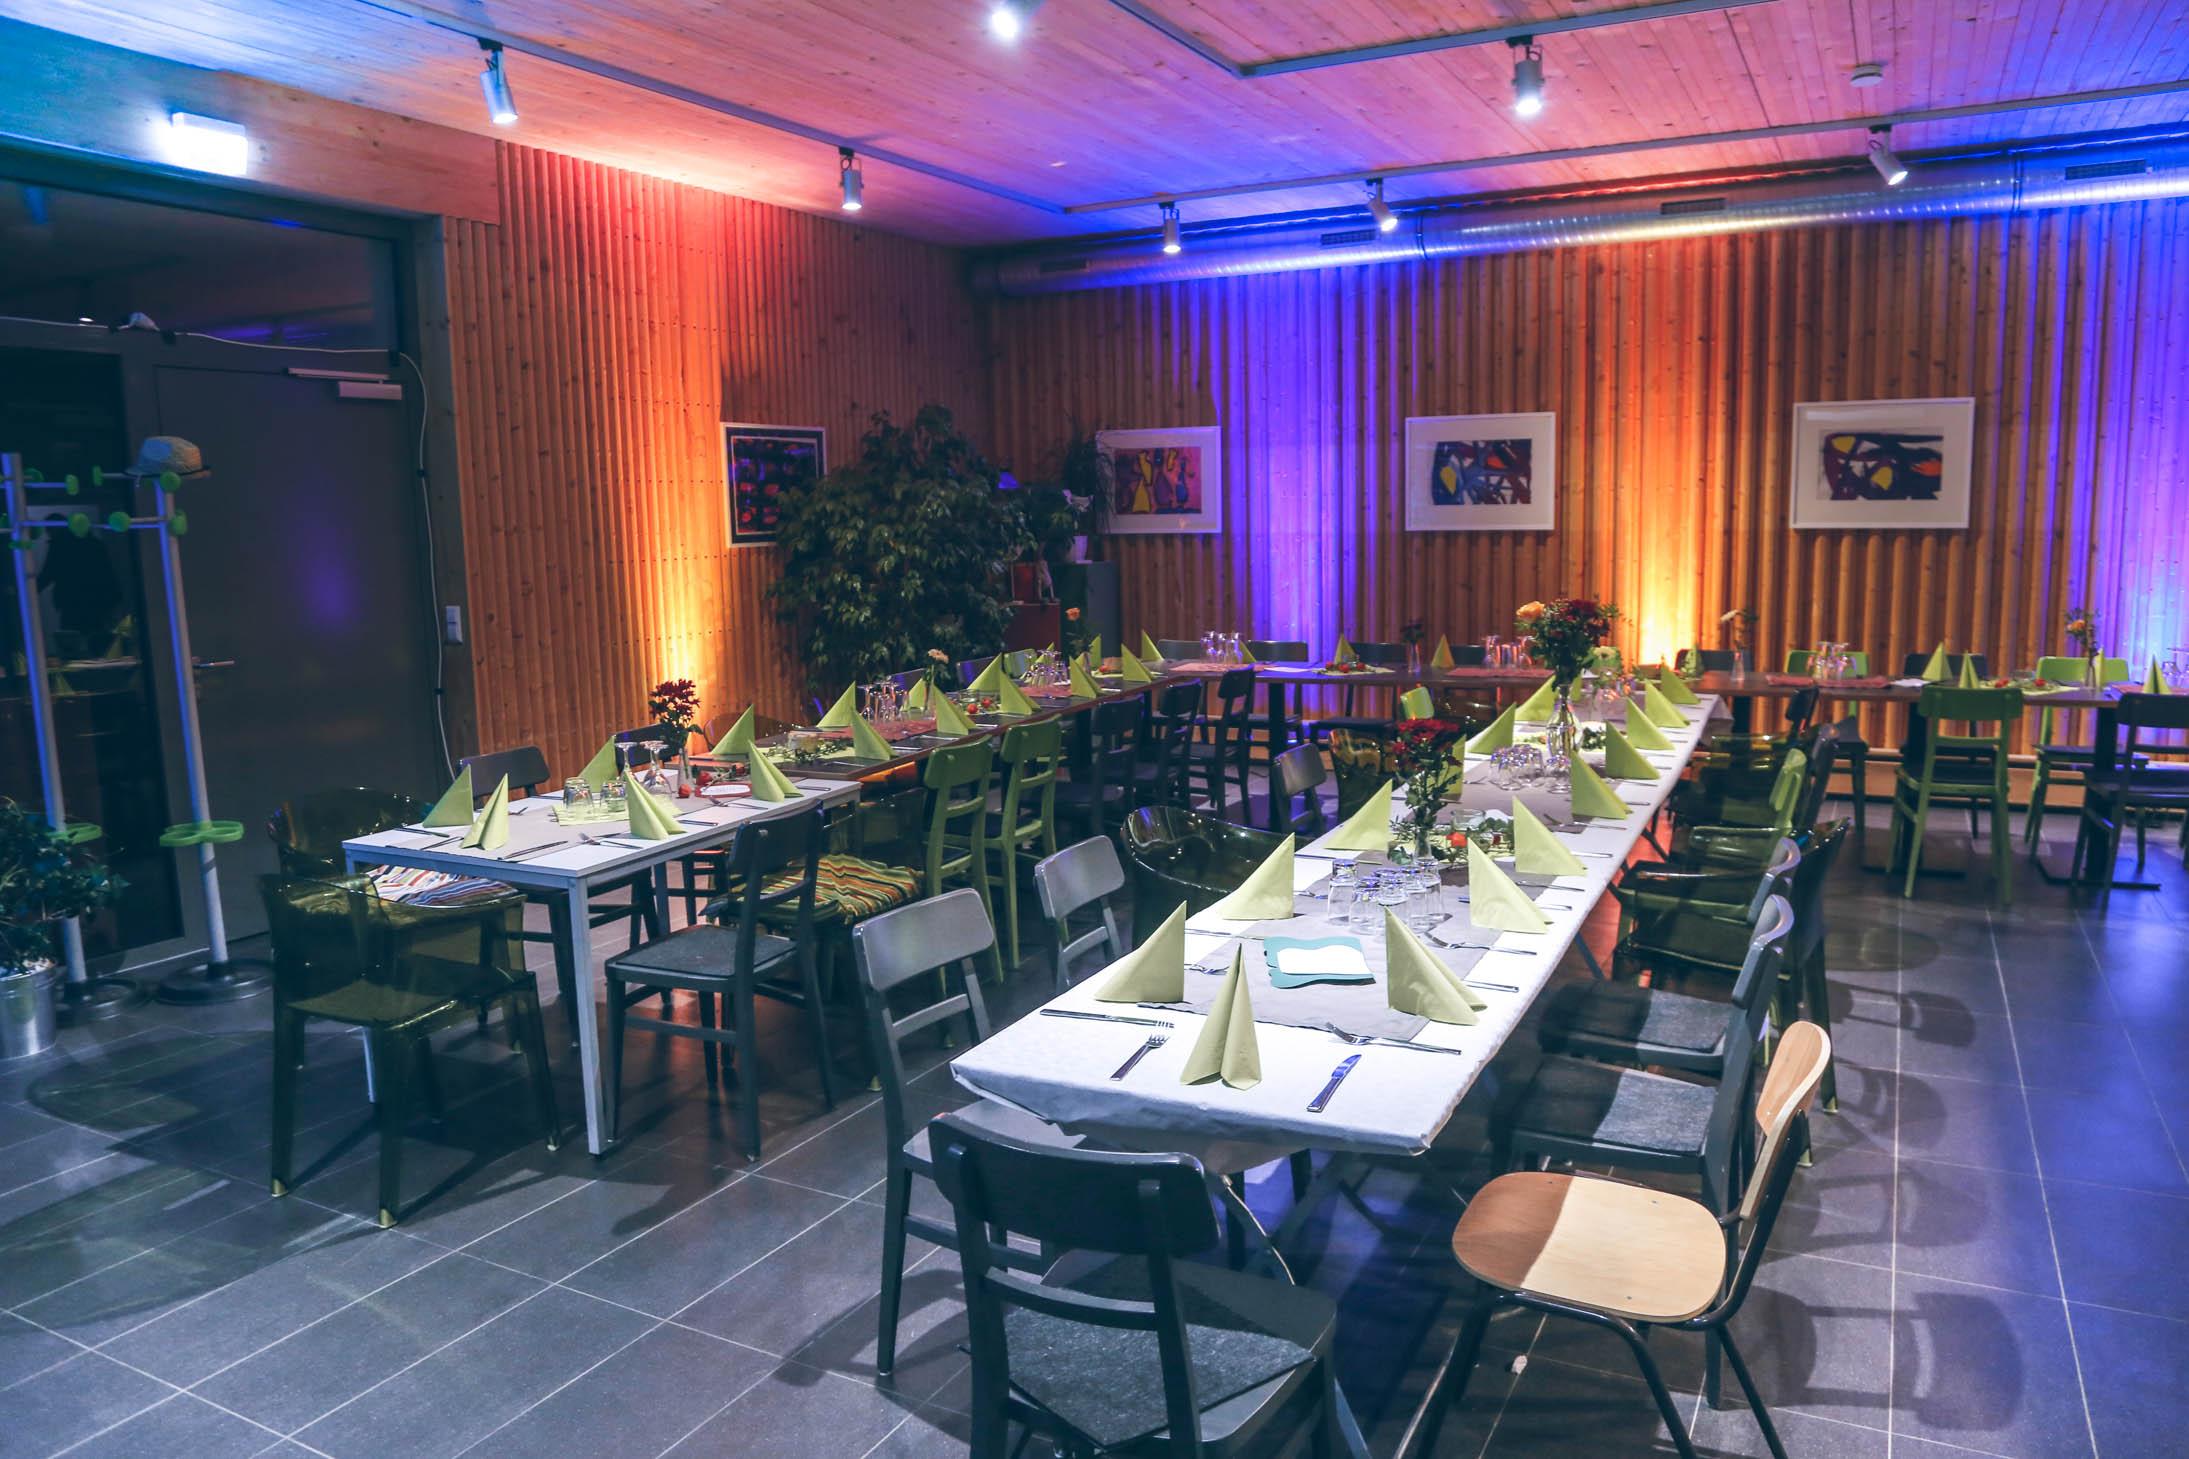 Geburtstagsfeier im Input Mosbach mit Uplights, Floorspots, DJ und Musik von ML Events